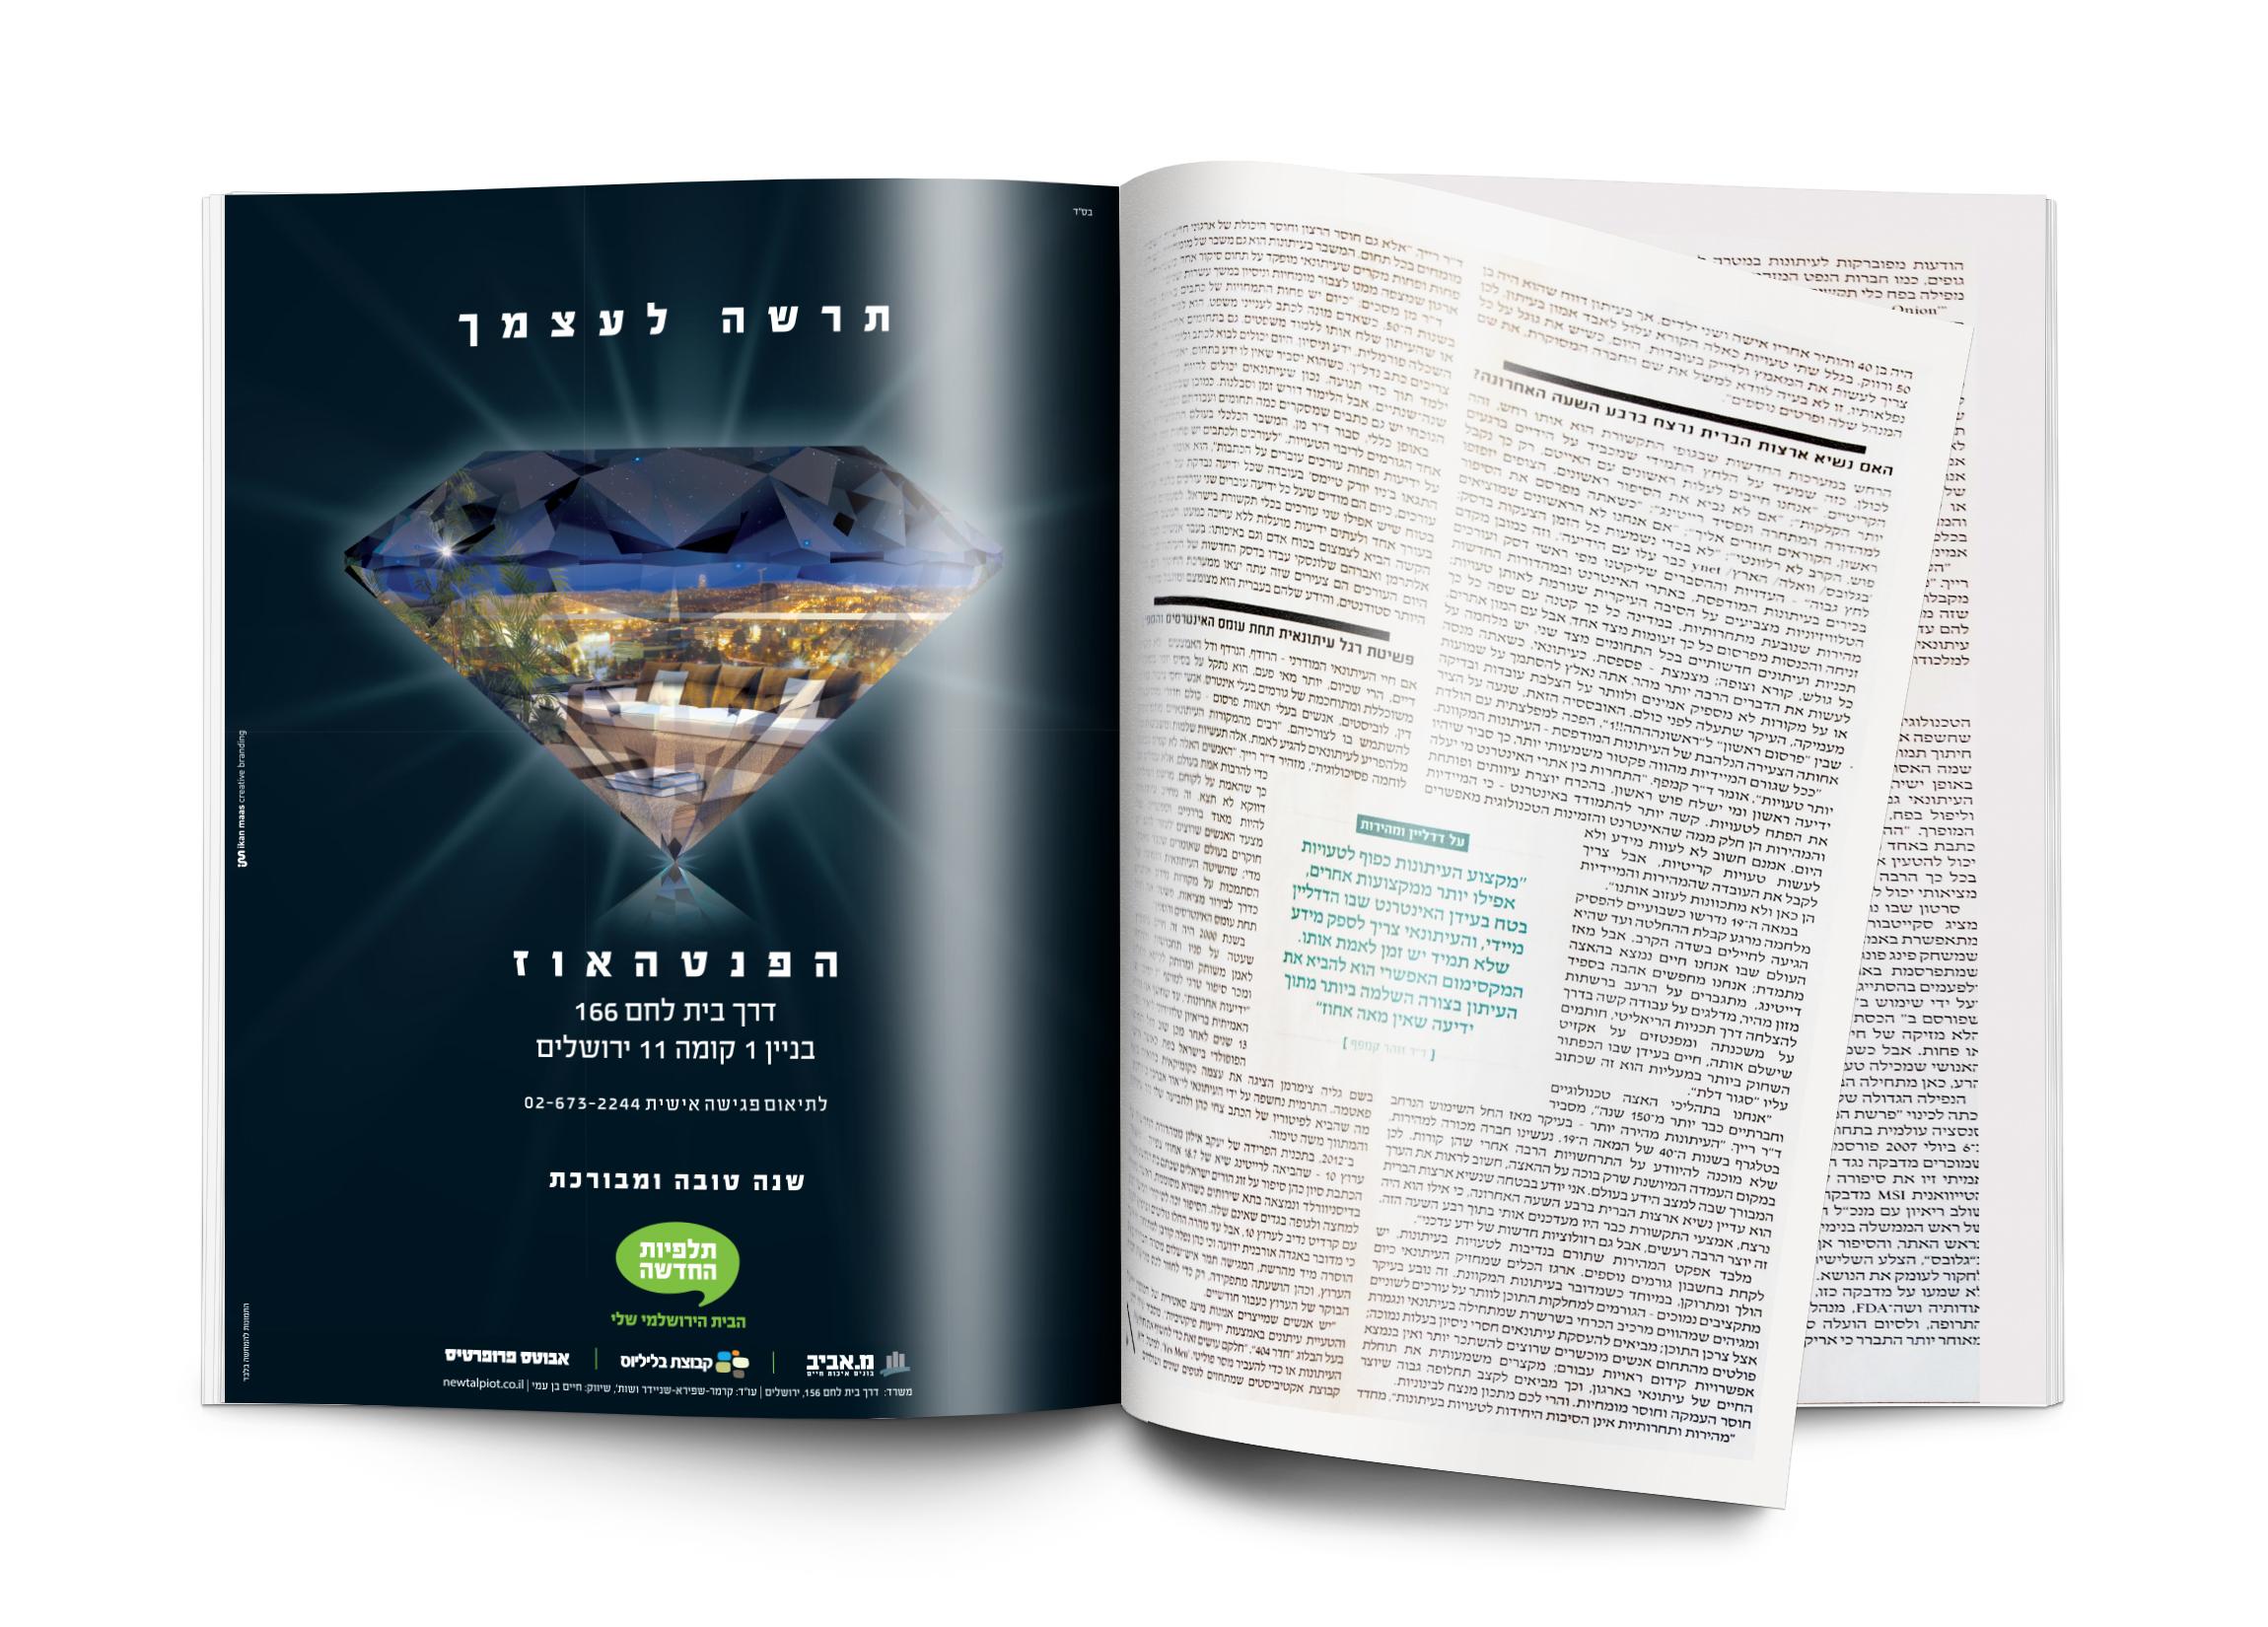 עיצוב מודעת עיתון קמפיין פנטהאוז - תלפיות החדשה